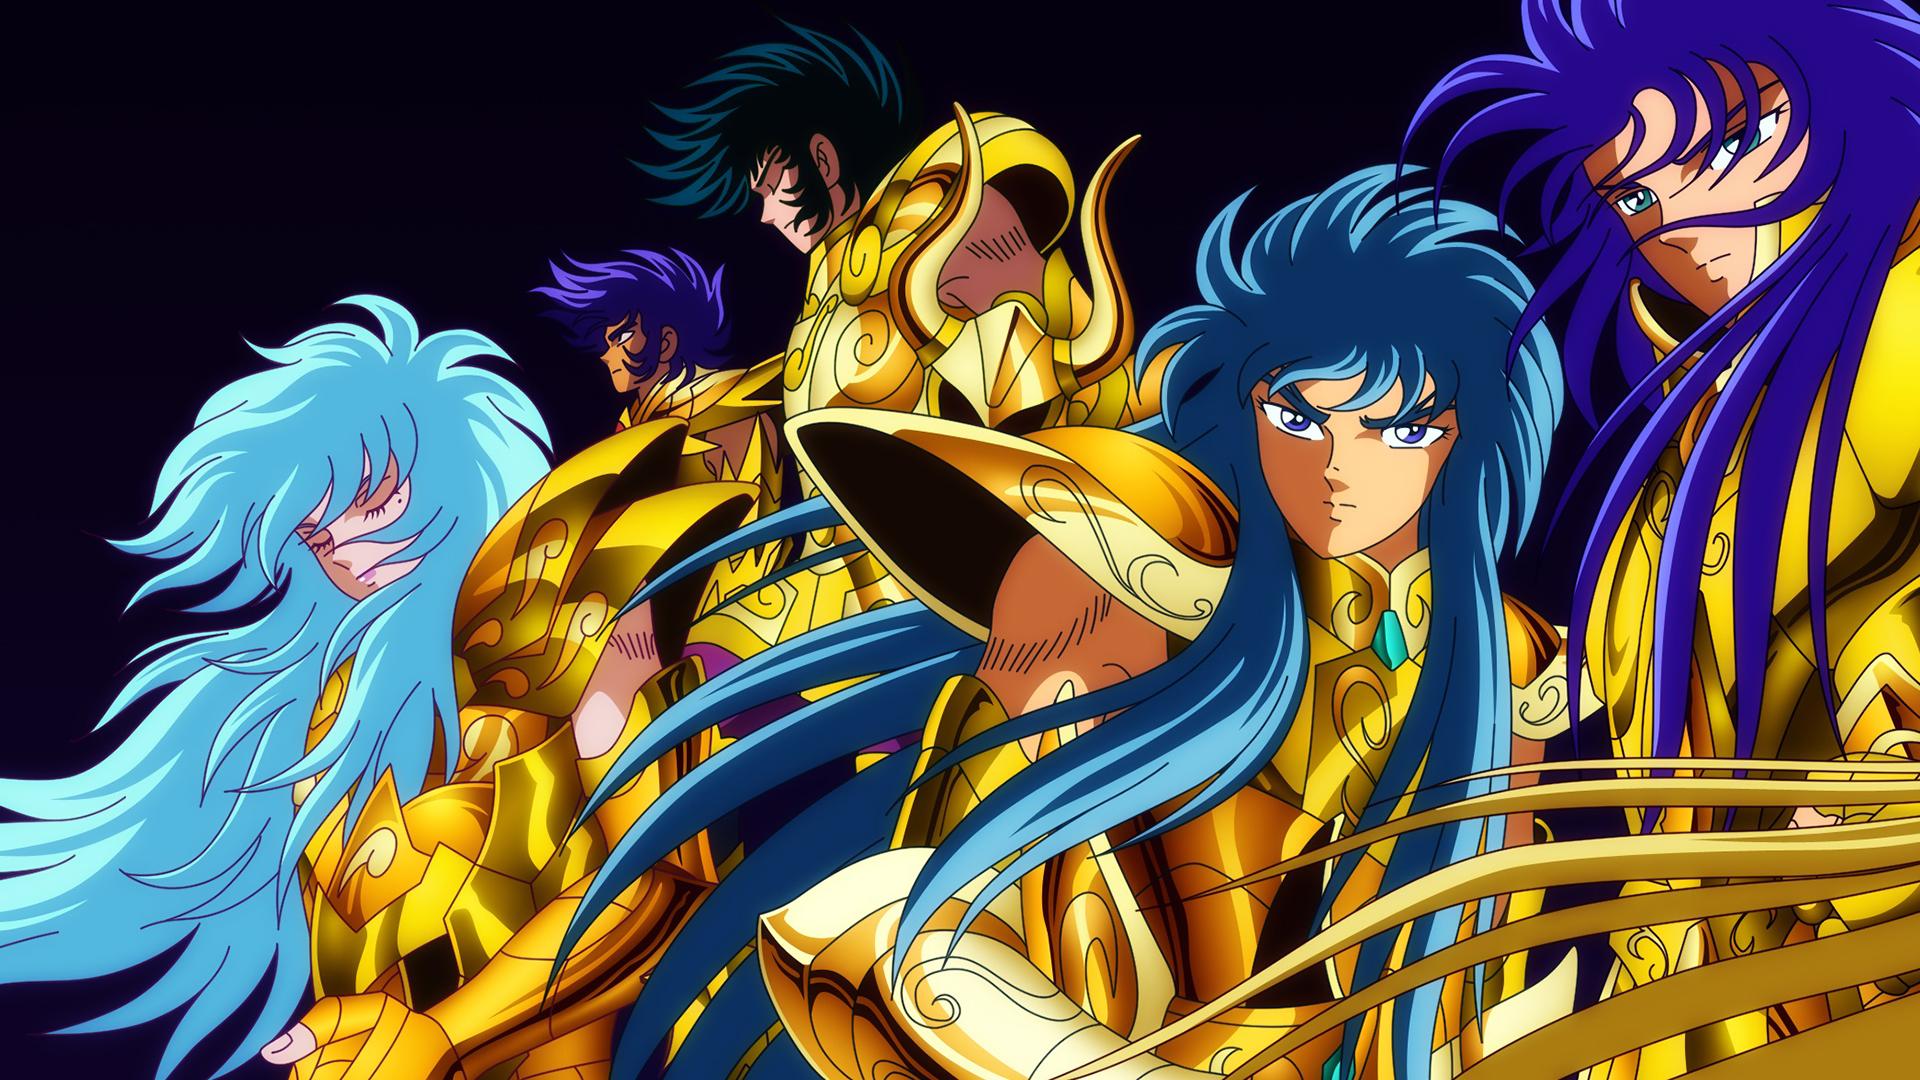 12 golden saints part 1 hd wallpaper background image - Saint seiya wallpaper desktop ...